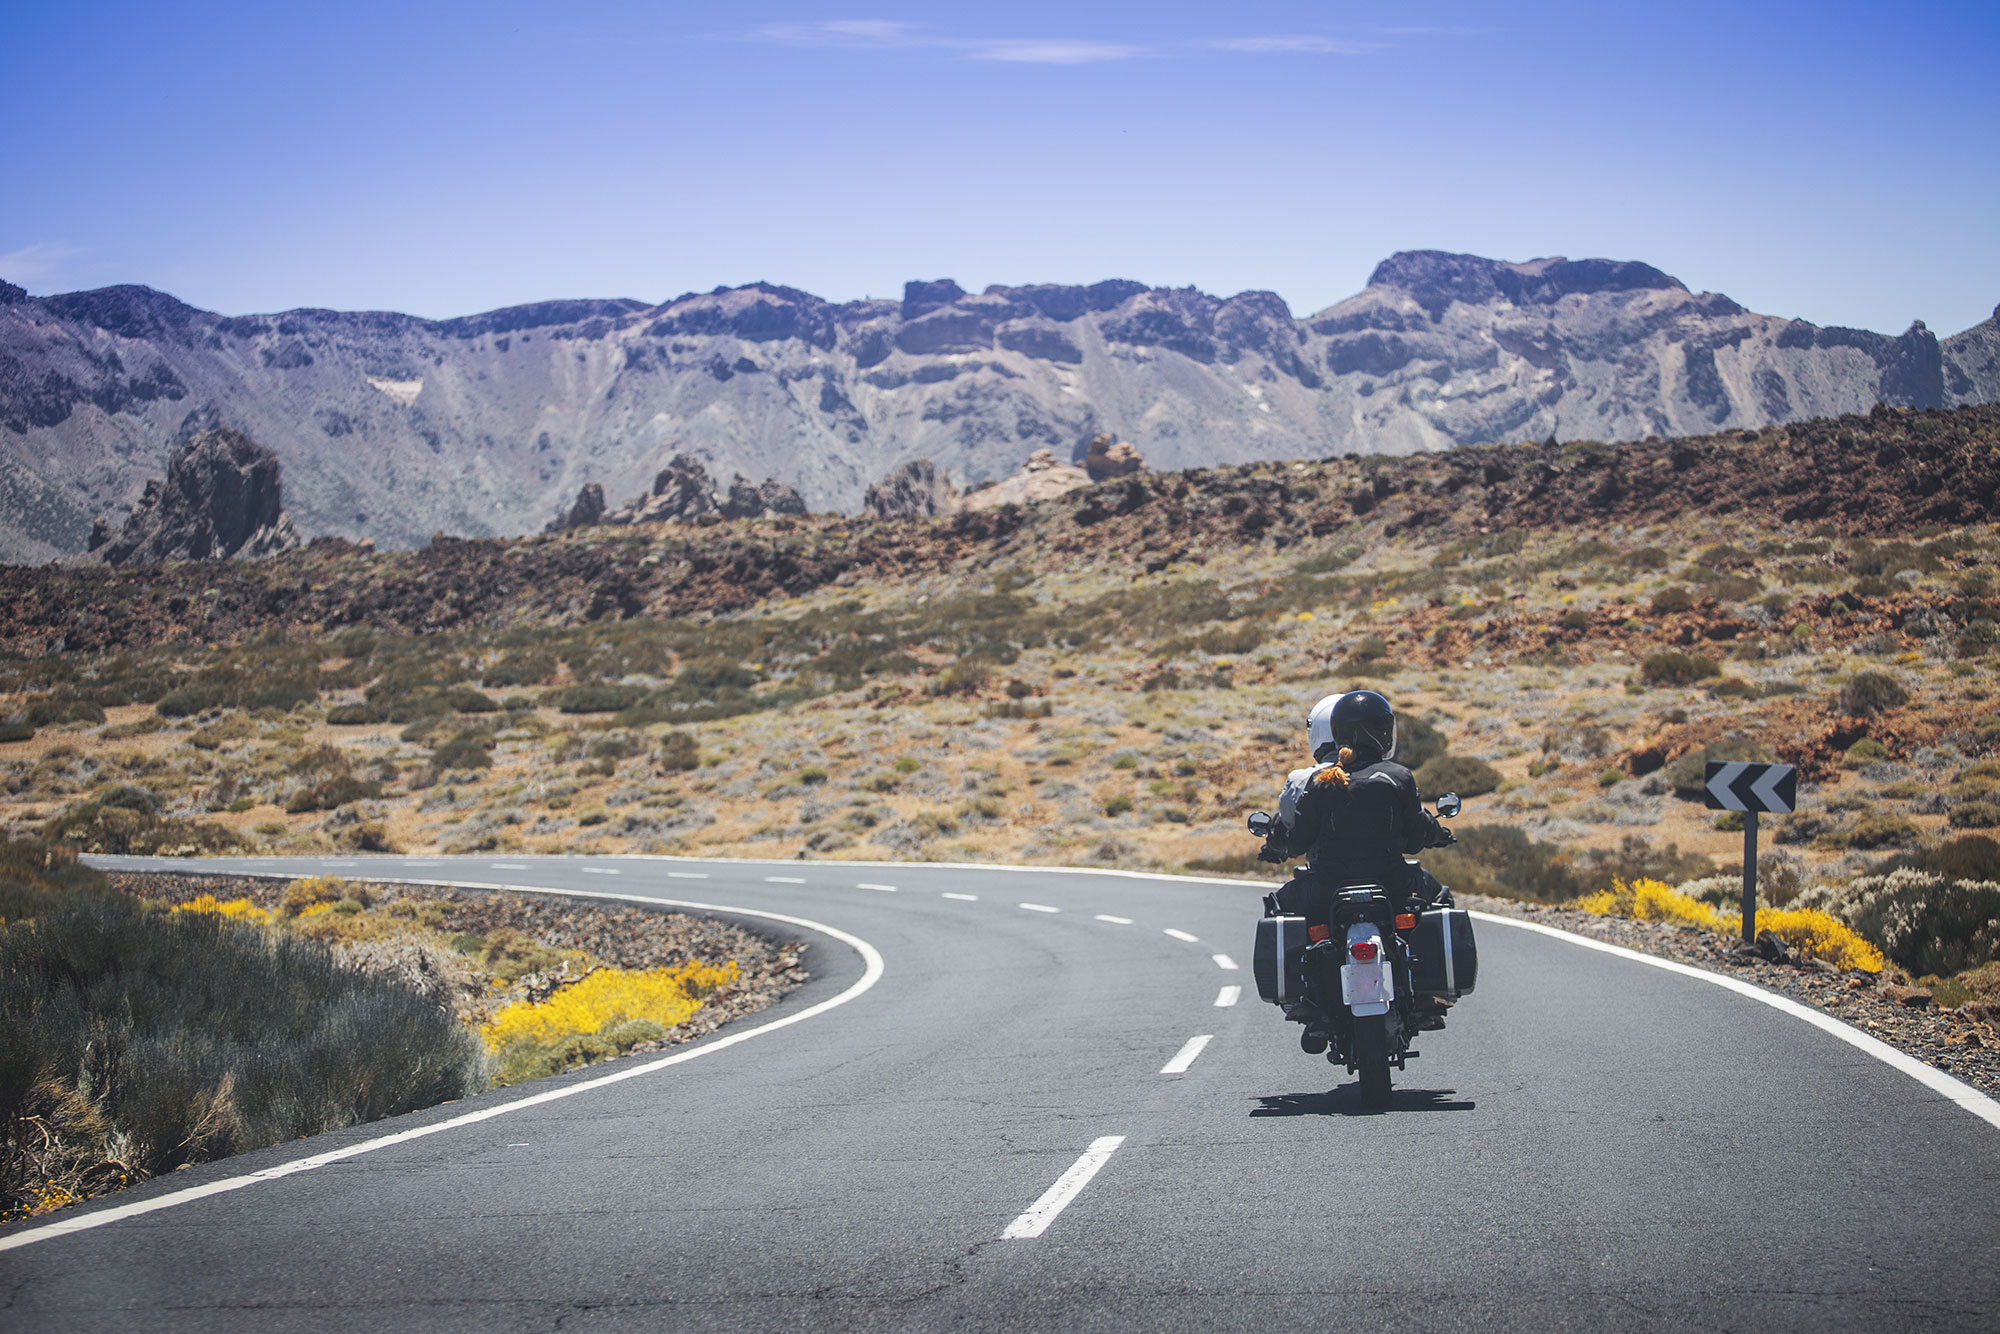 Las parejas que eligen viajar en moto aseguran que incrementa la confianza entre ambos. Foto: Shutterstock.